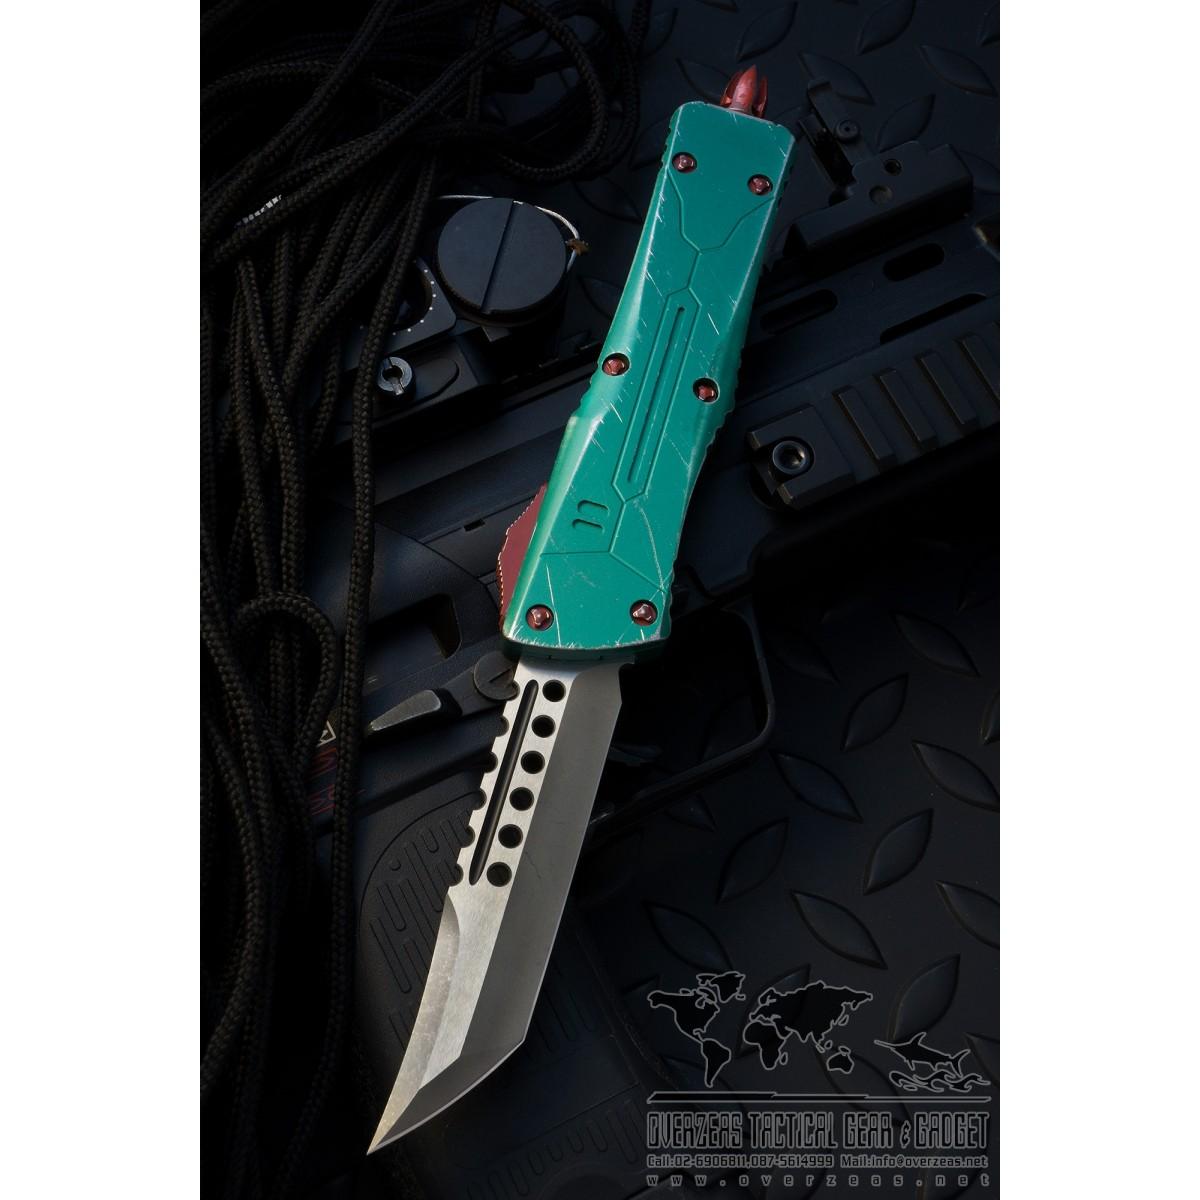 มีดออโต้ Microtech Combat Troodon Hellhound Tanto Bounty Hunter OTF Knife (Apocalyptic) 219-10BH